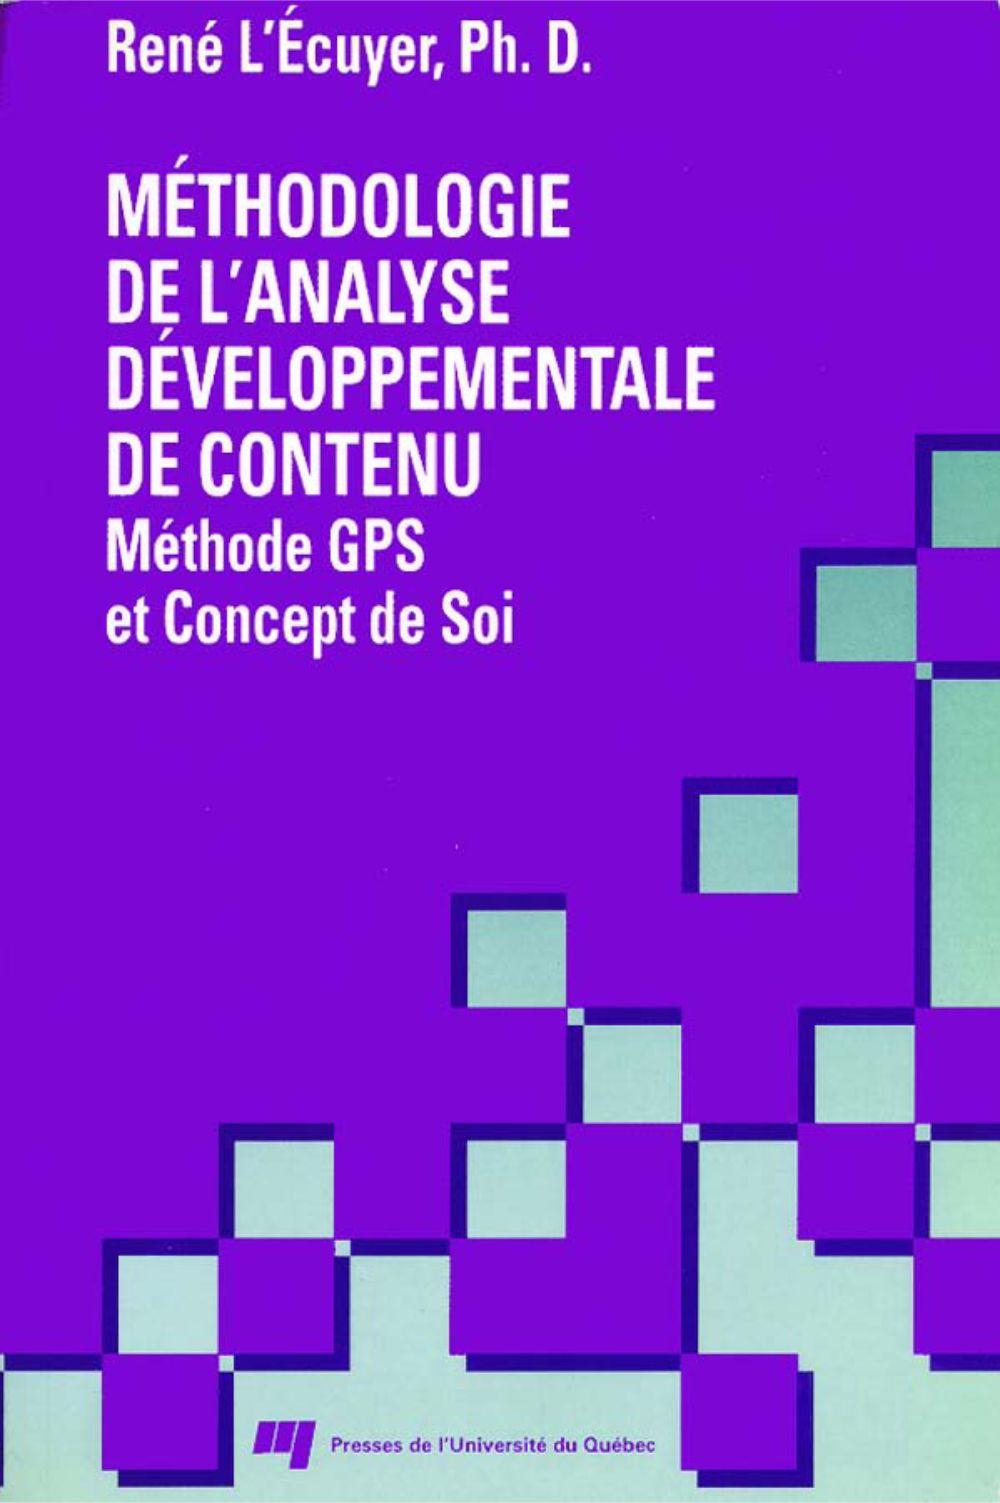 Méthodologie de l'analyse développementale de contenu